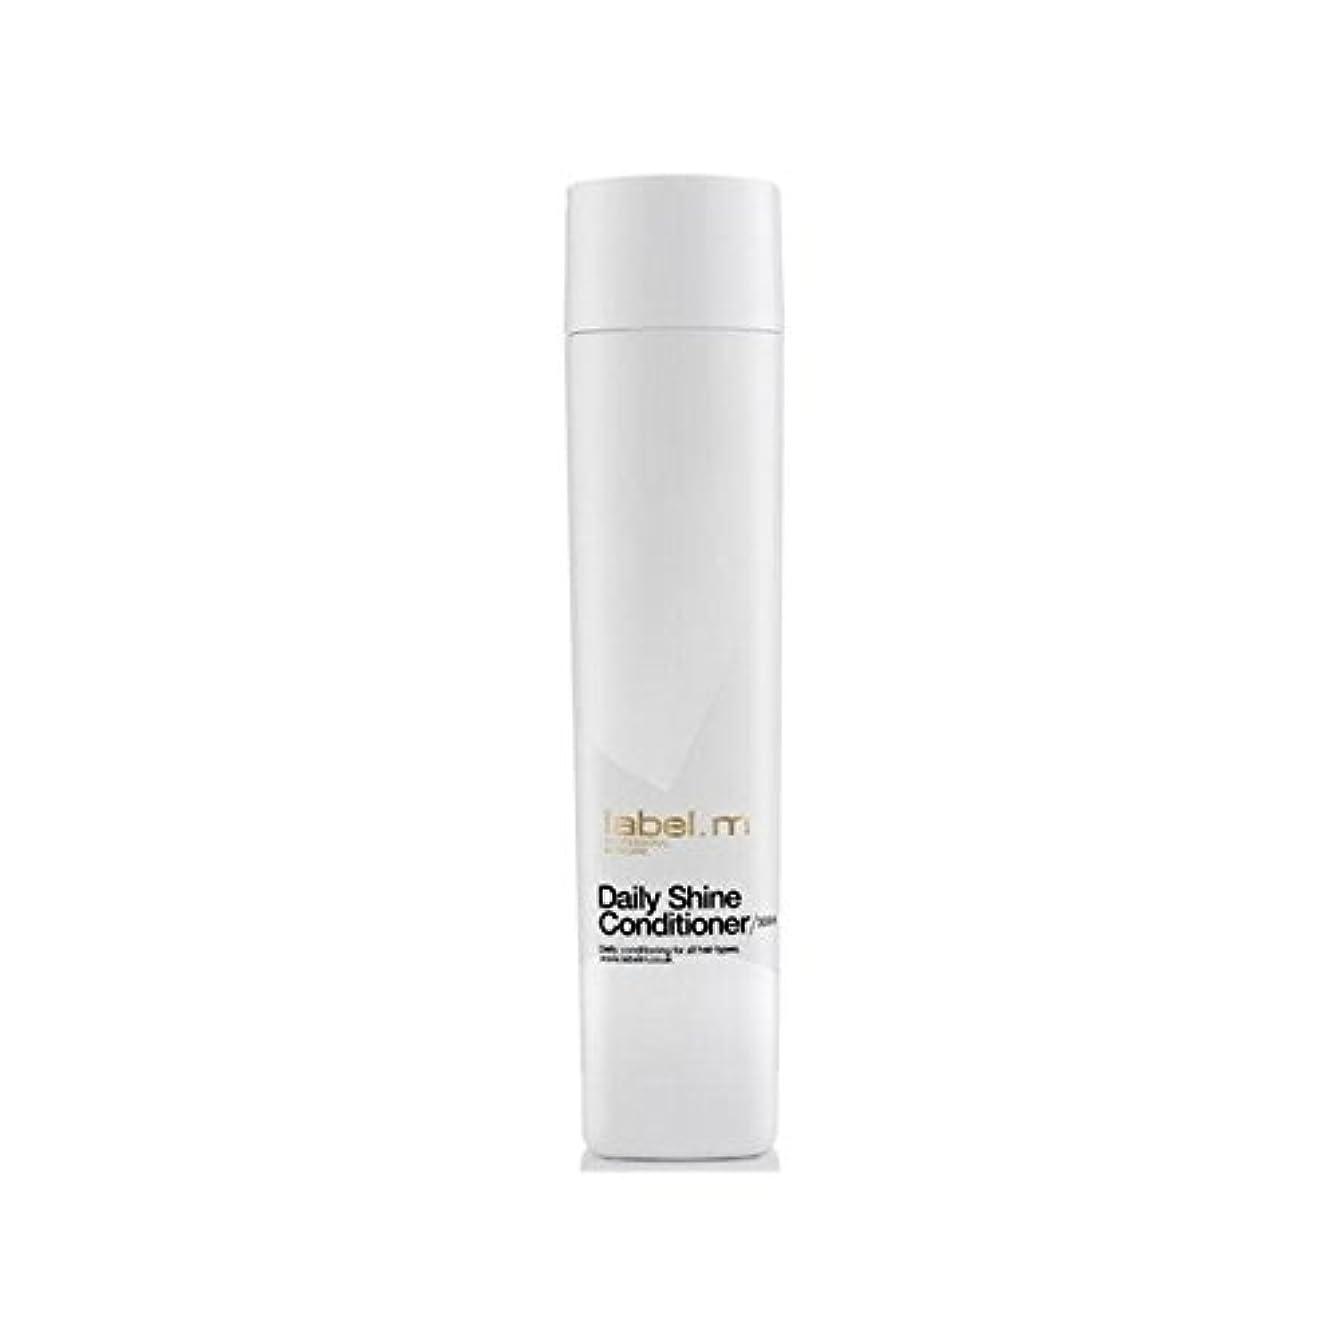 ディンカルビルワインアシスタントLabel.M Daily Shine Conditioner (300ml) (Pack of 6) - .毎日シャインコンディショナー(300ミリリットル) x6 [並行輸入品]